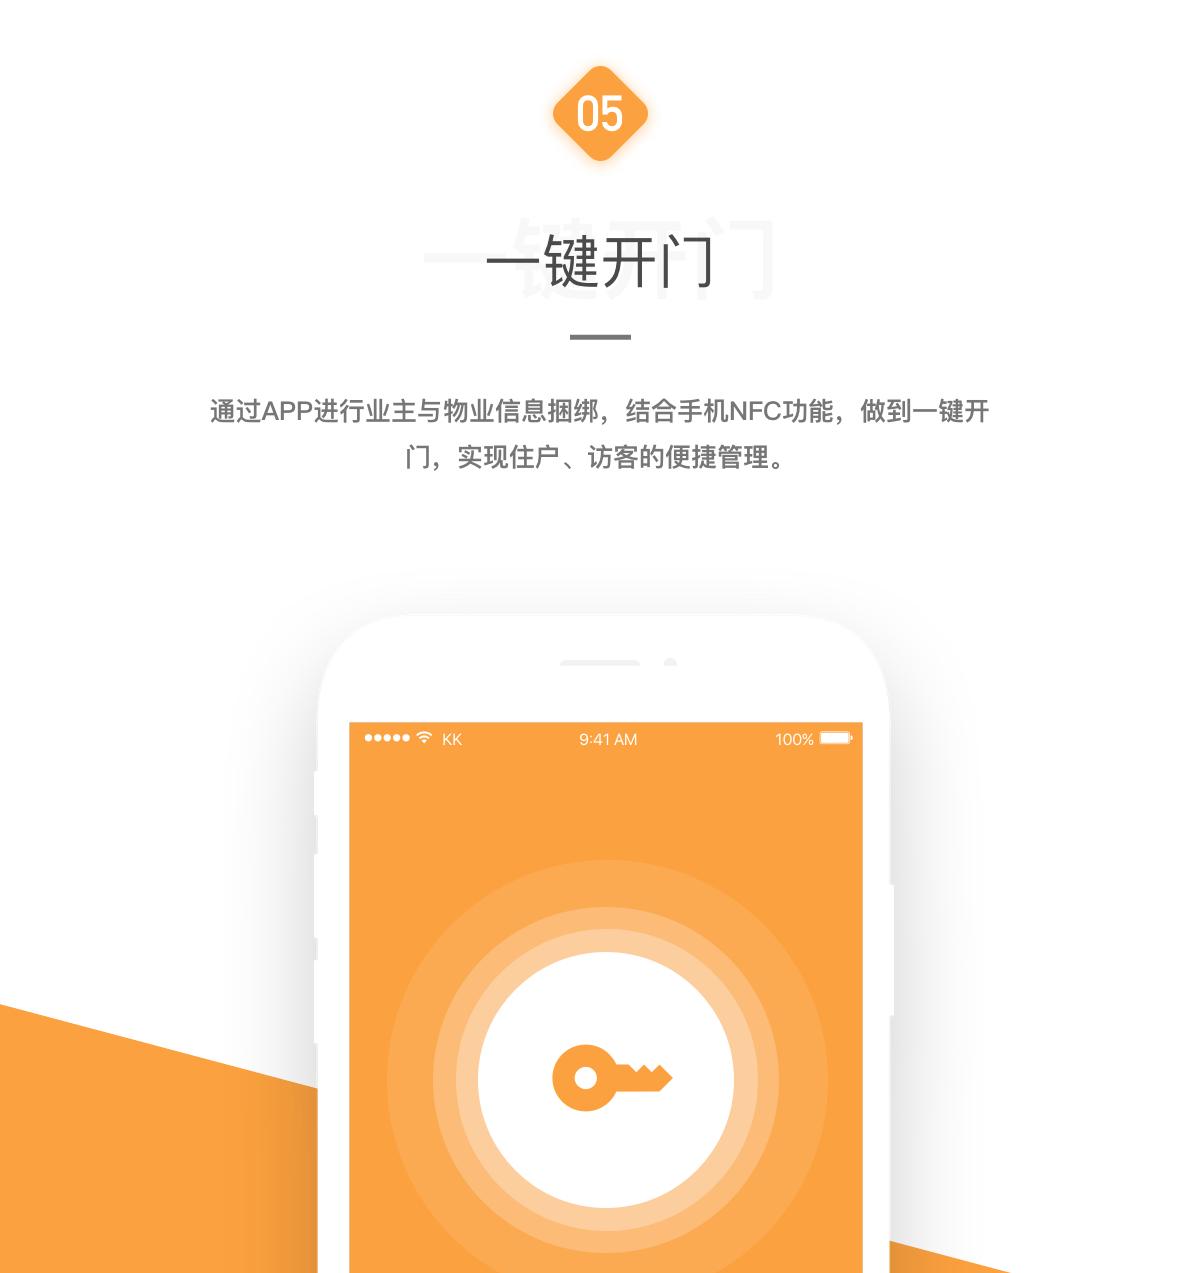 碧桂园物业管理APP解决方案-1080_08.png